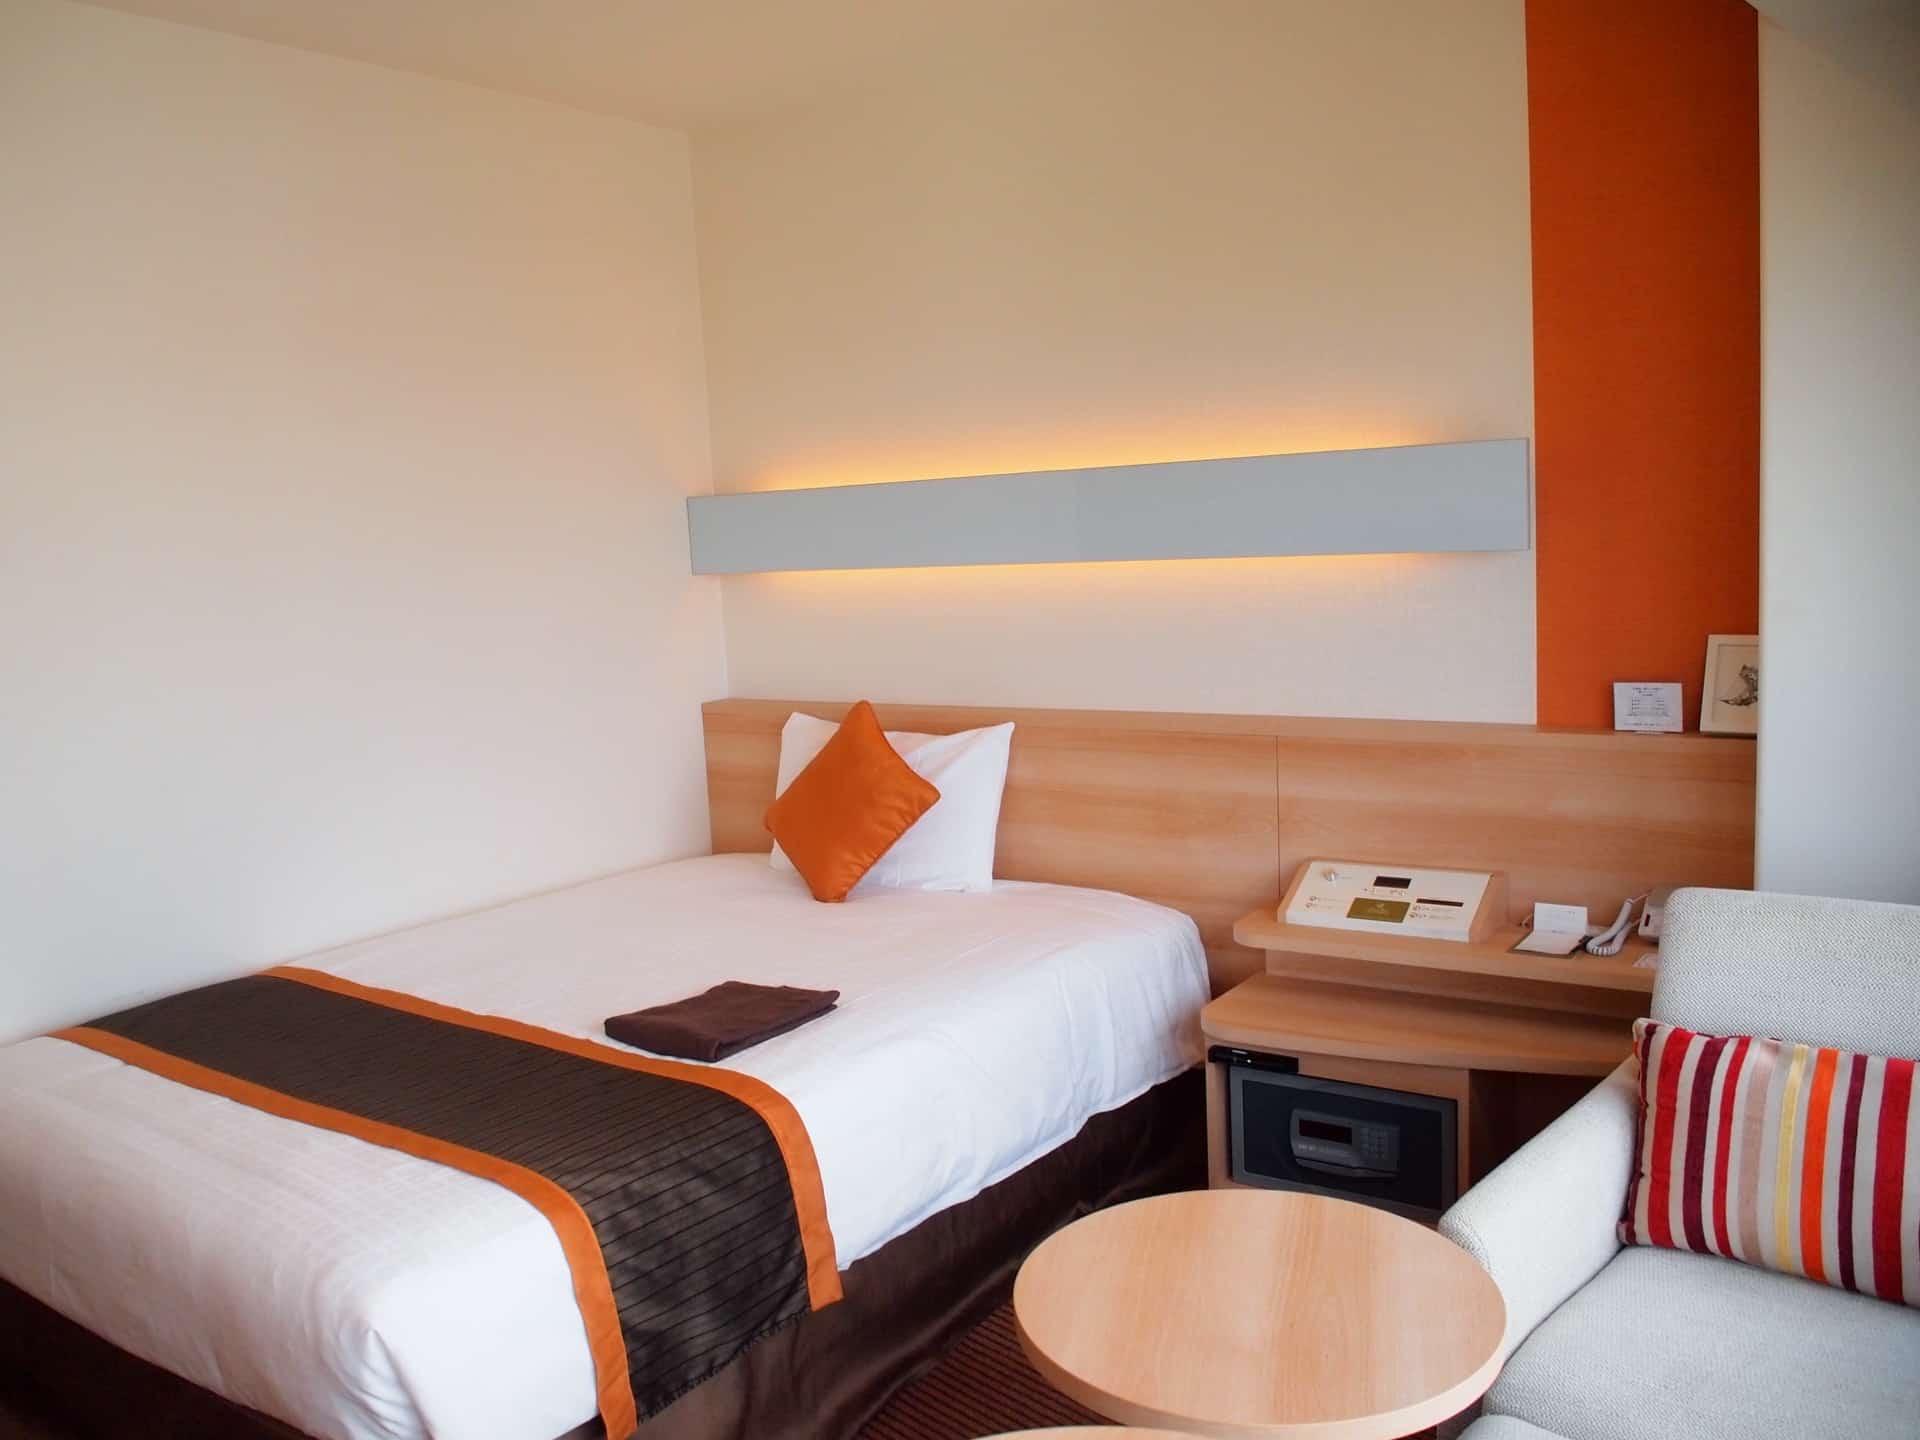 【宿泊記】横アリ遠征に!「新横浜プリンスホテル」はアクセス抜群。レディースフロアも!